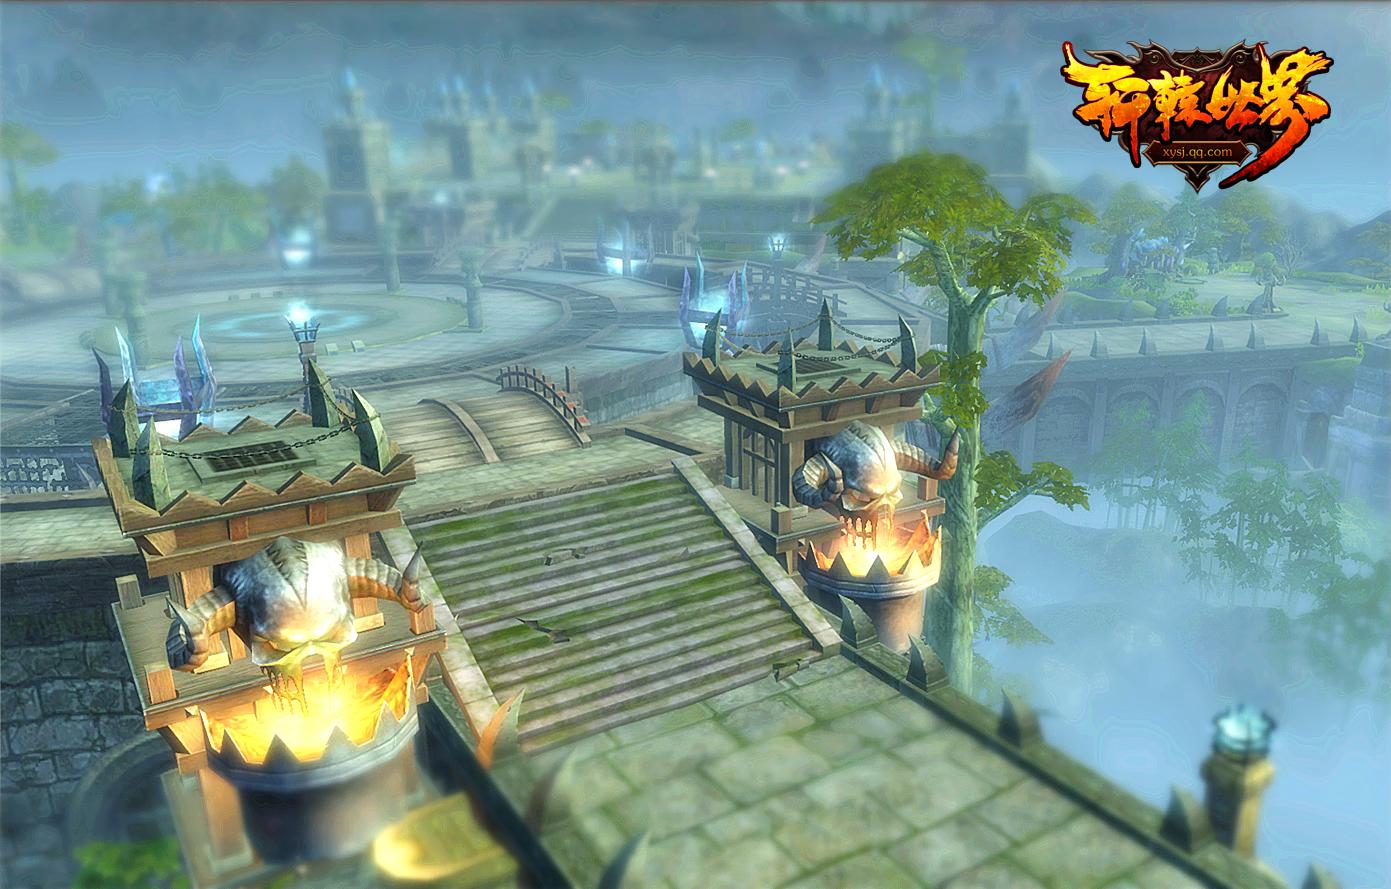 《轩辕世界》游戏原画